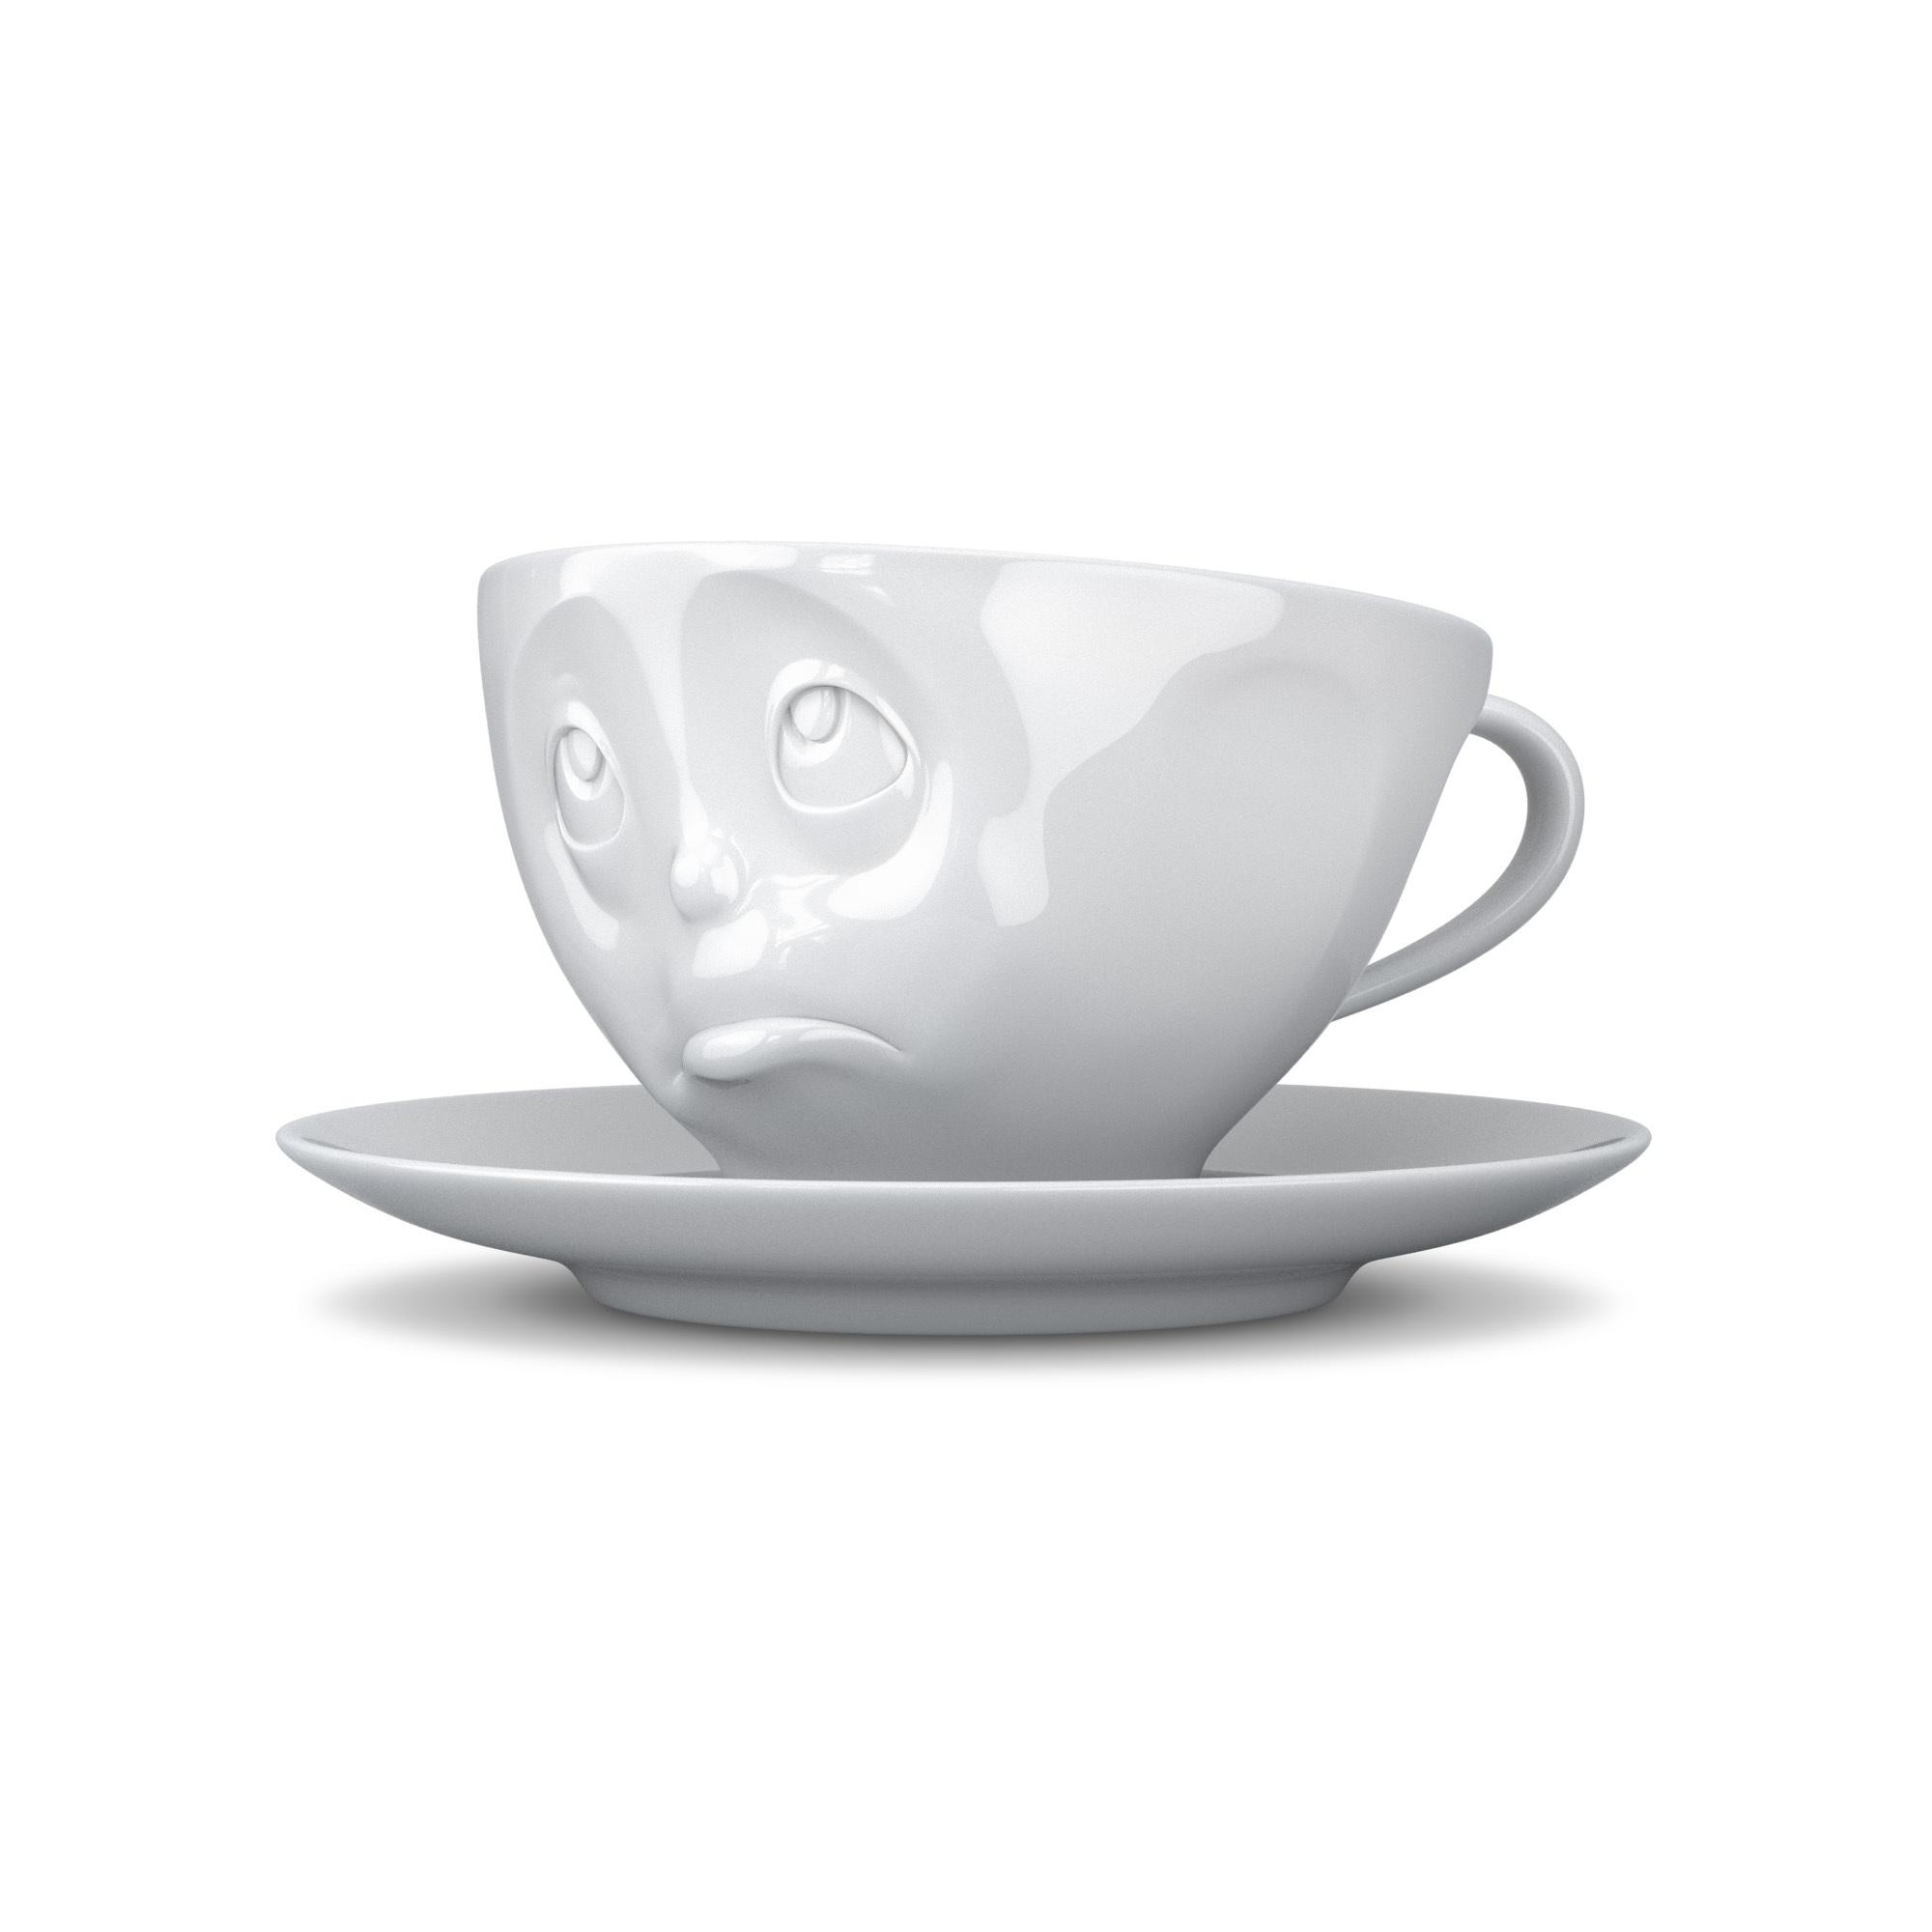 KaffeeTasse-OchBitte-Weiß